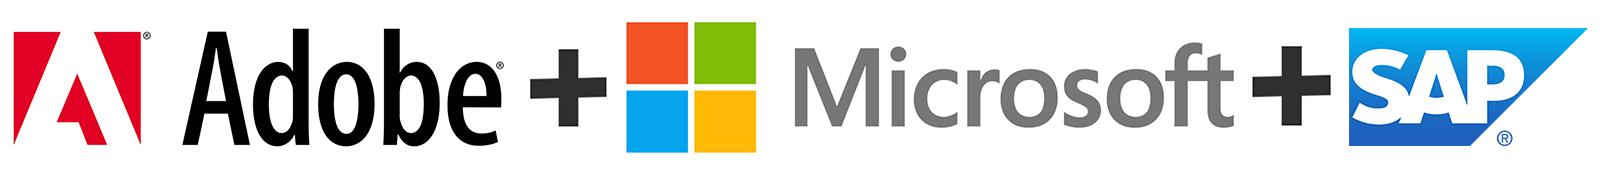 adobe +Microsoft + sap